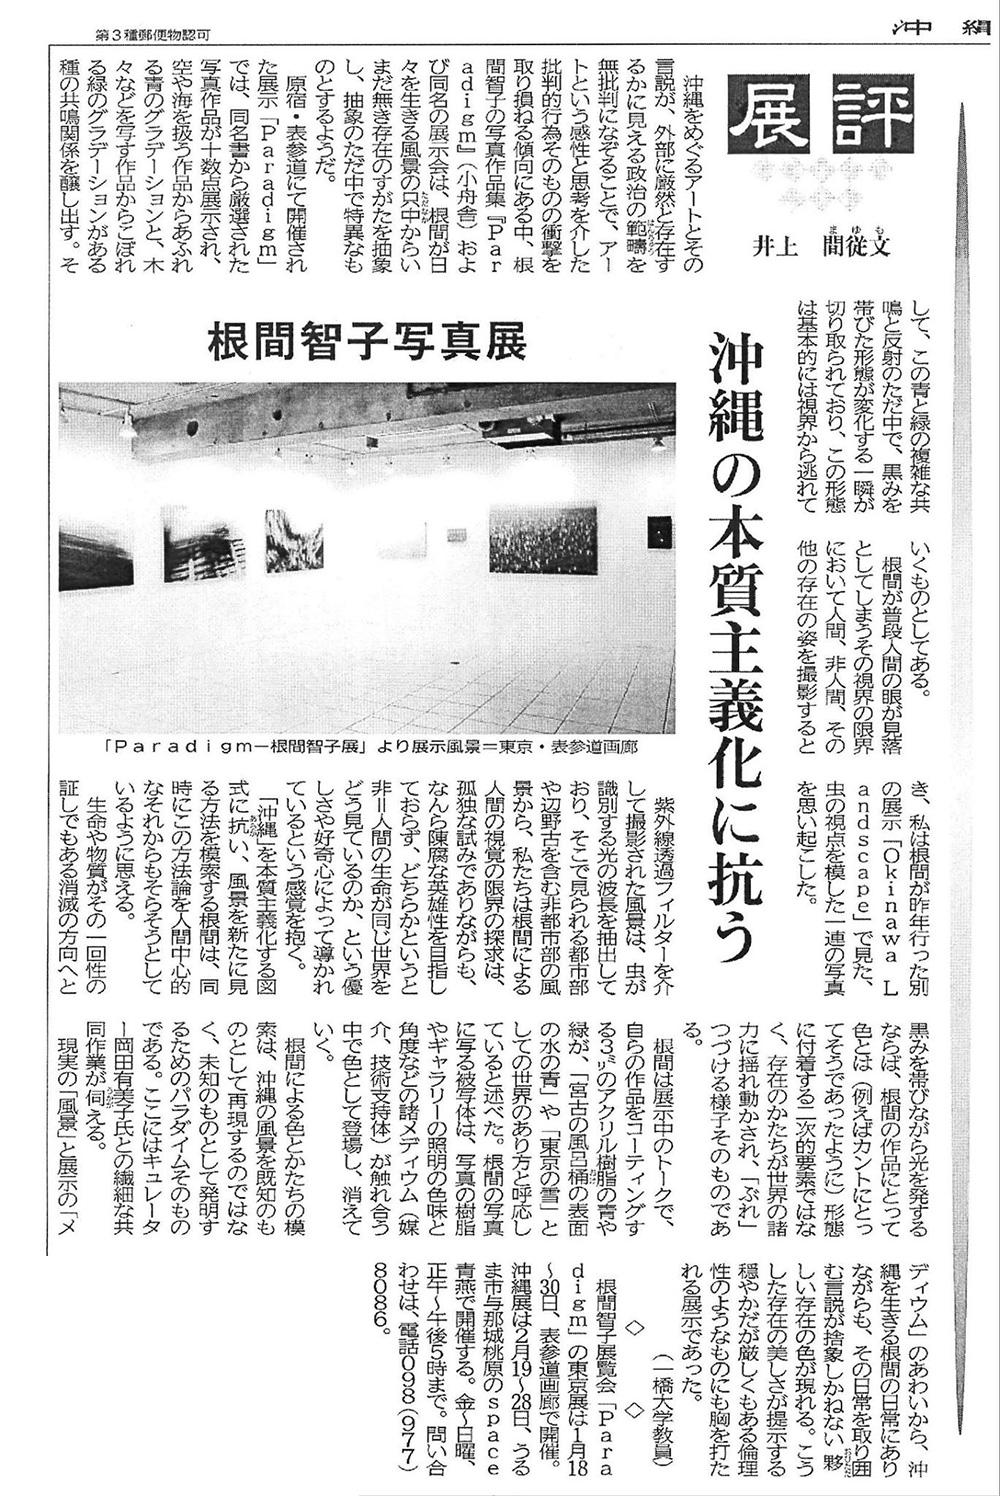 根間智子『Paradigm』東京展展評